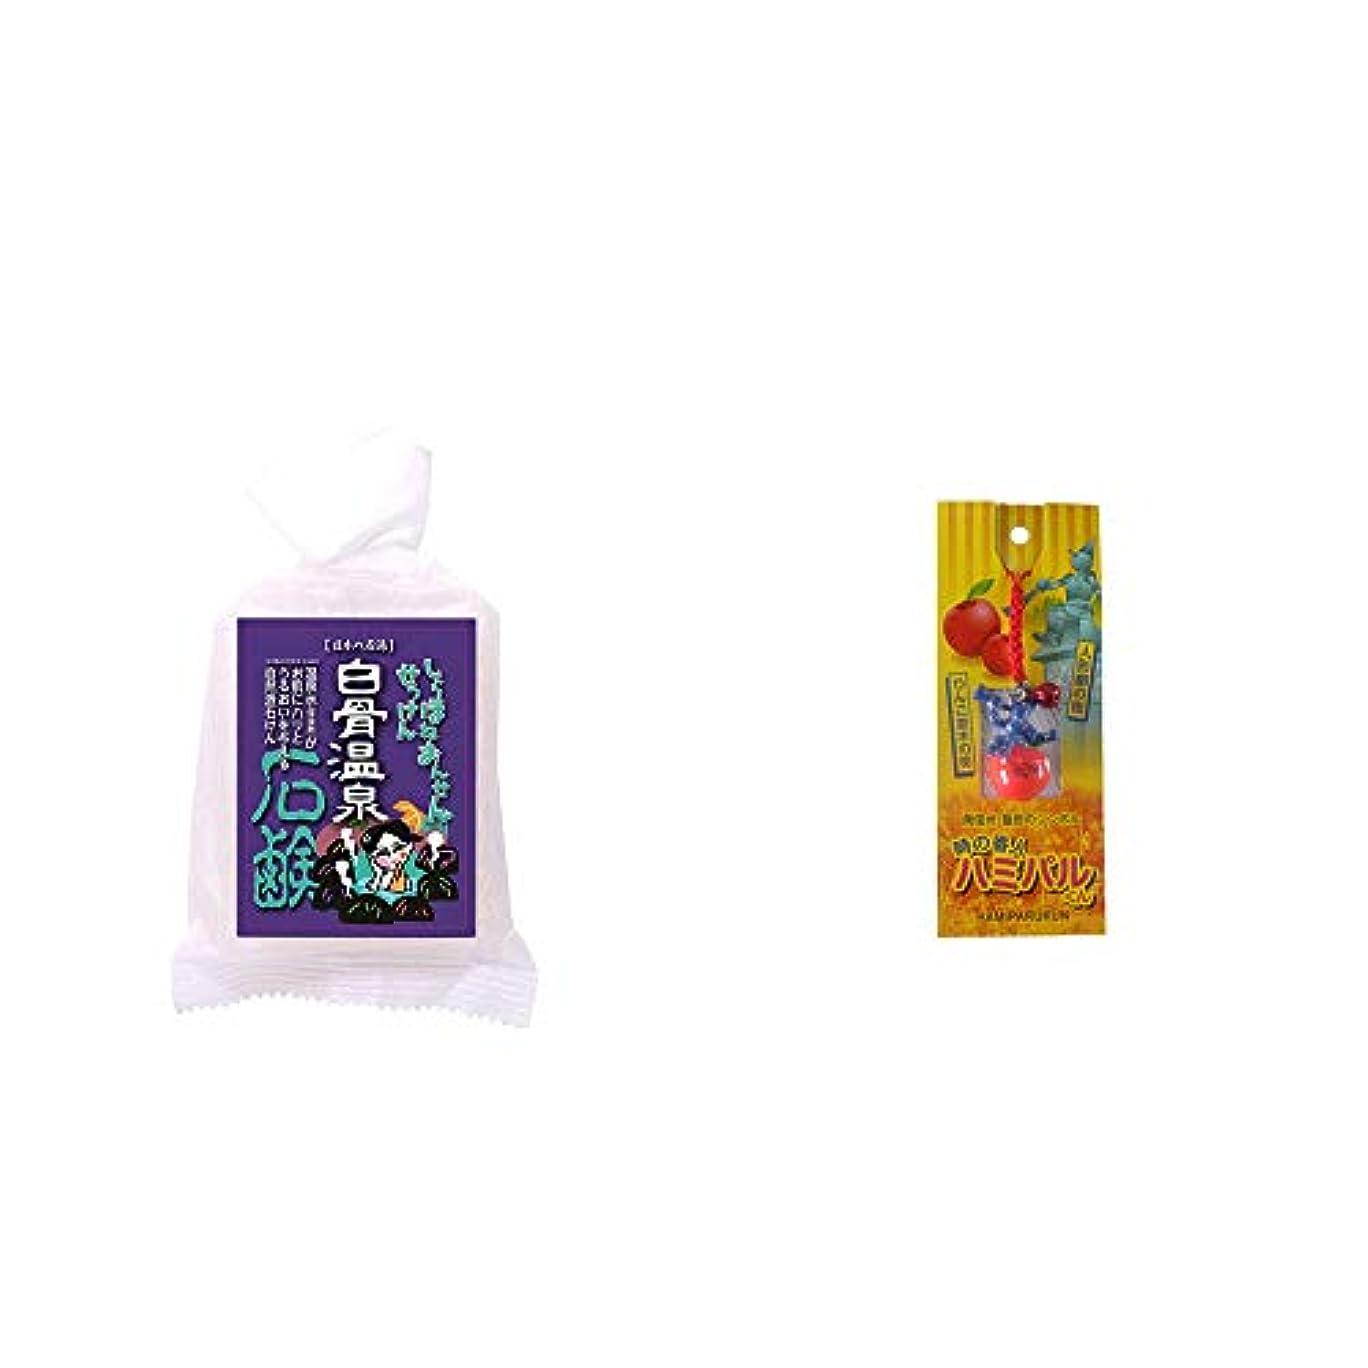 買い手教育運動[2点セット] 信州 白骨温泉石鹸(80g)?信州?飯田のシンボル 時の番人ハミパルくんストラップ